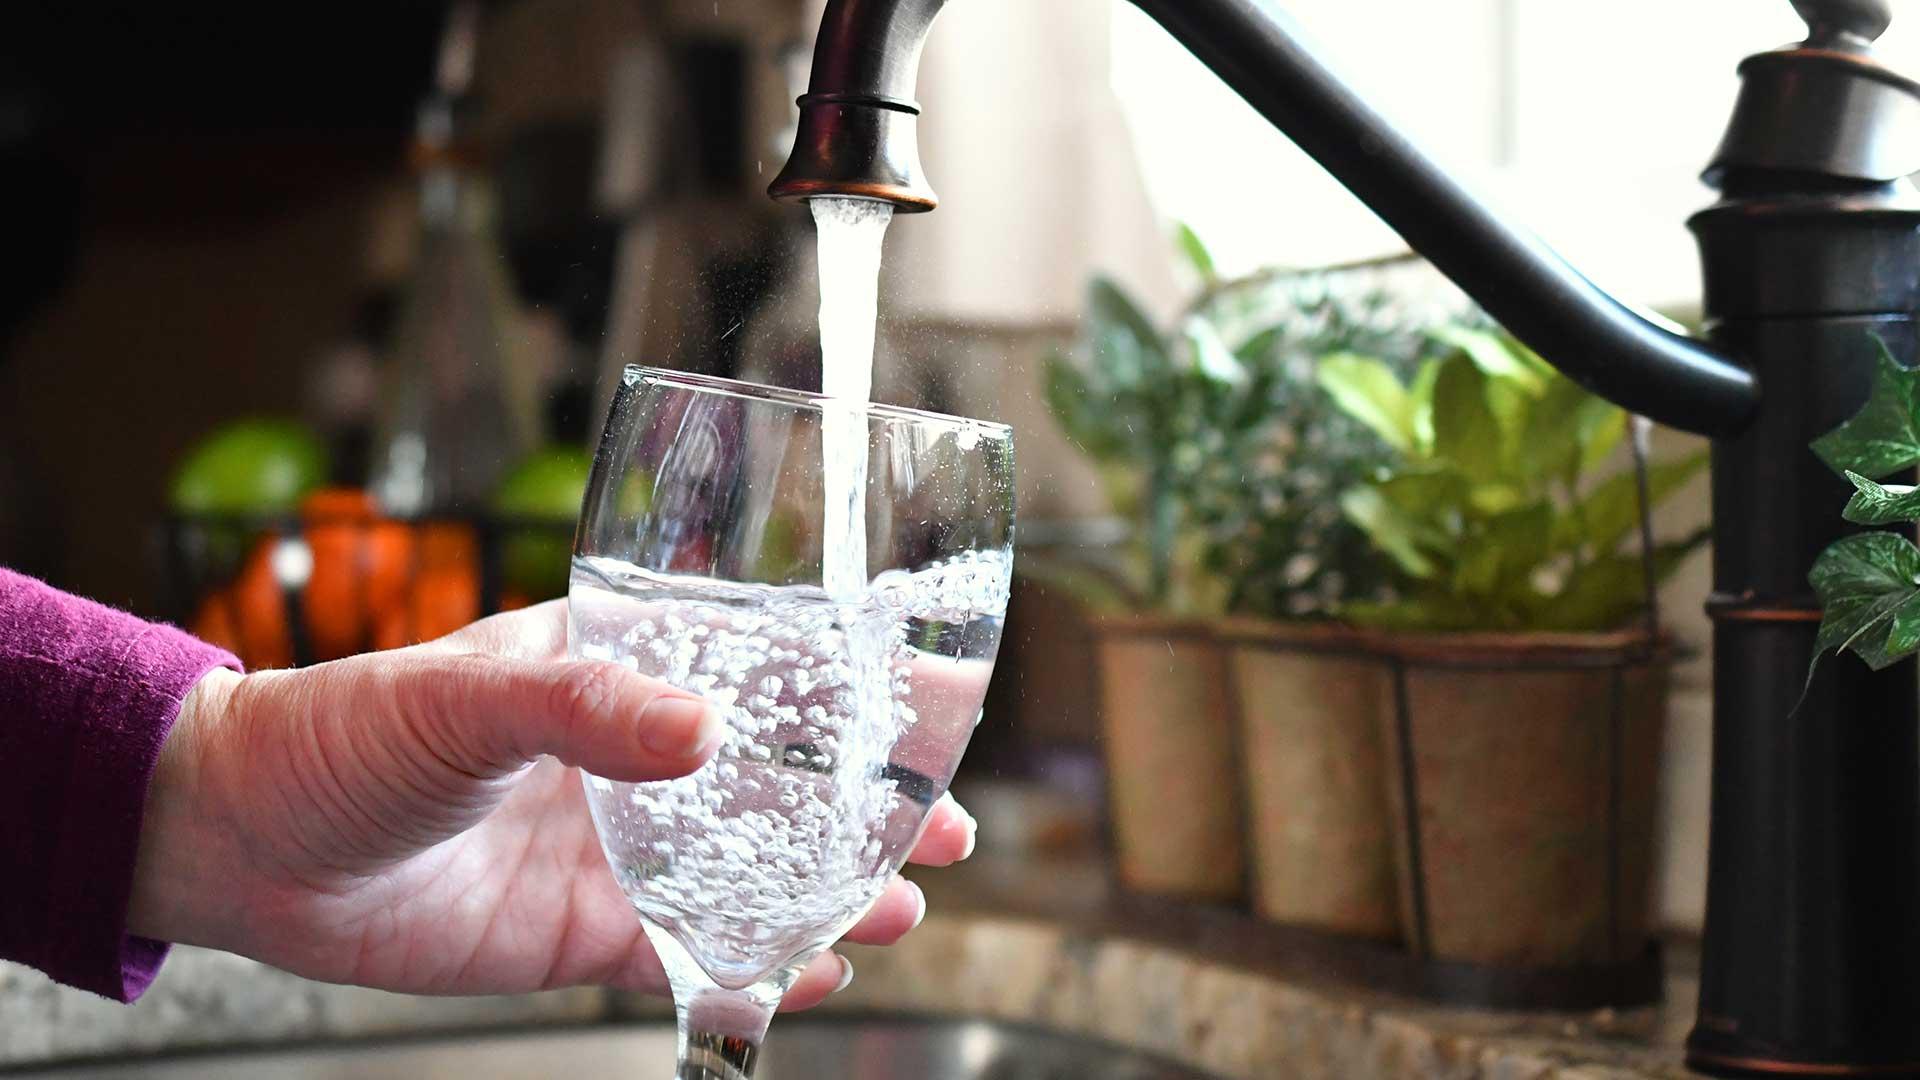 Abflussreinigung - sauberes Wasser